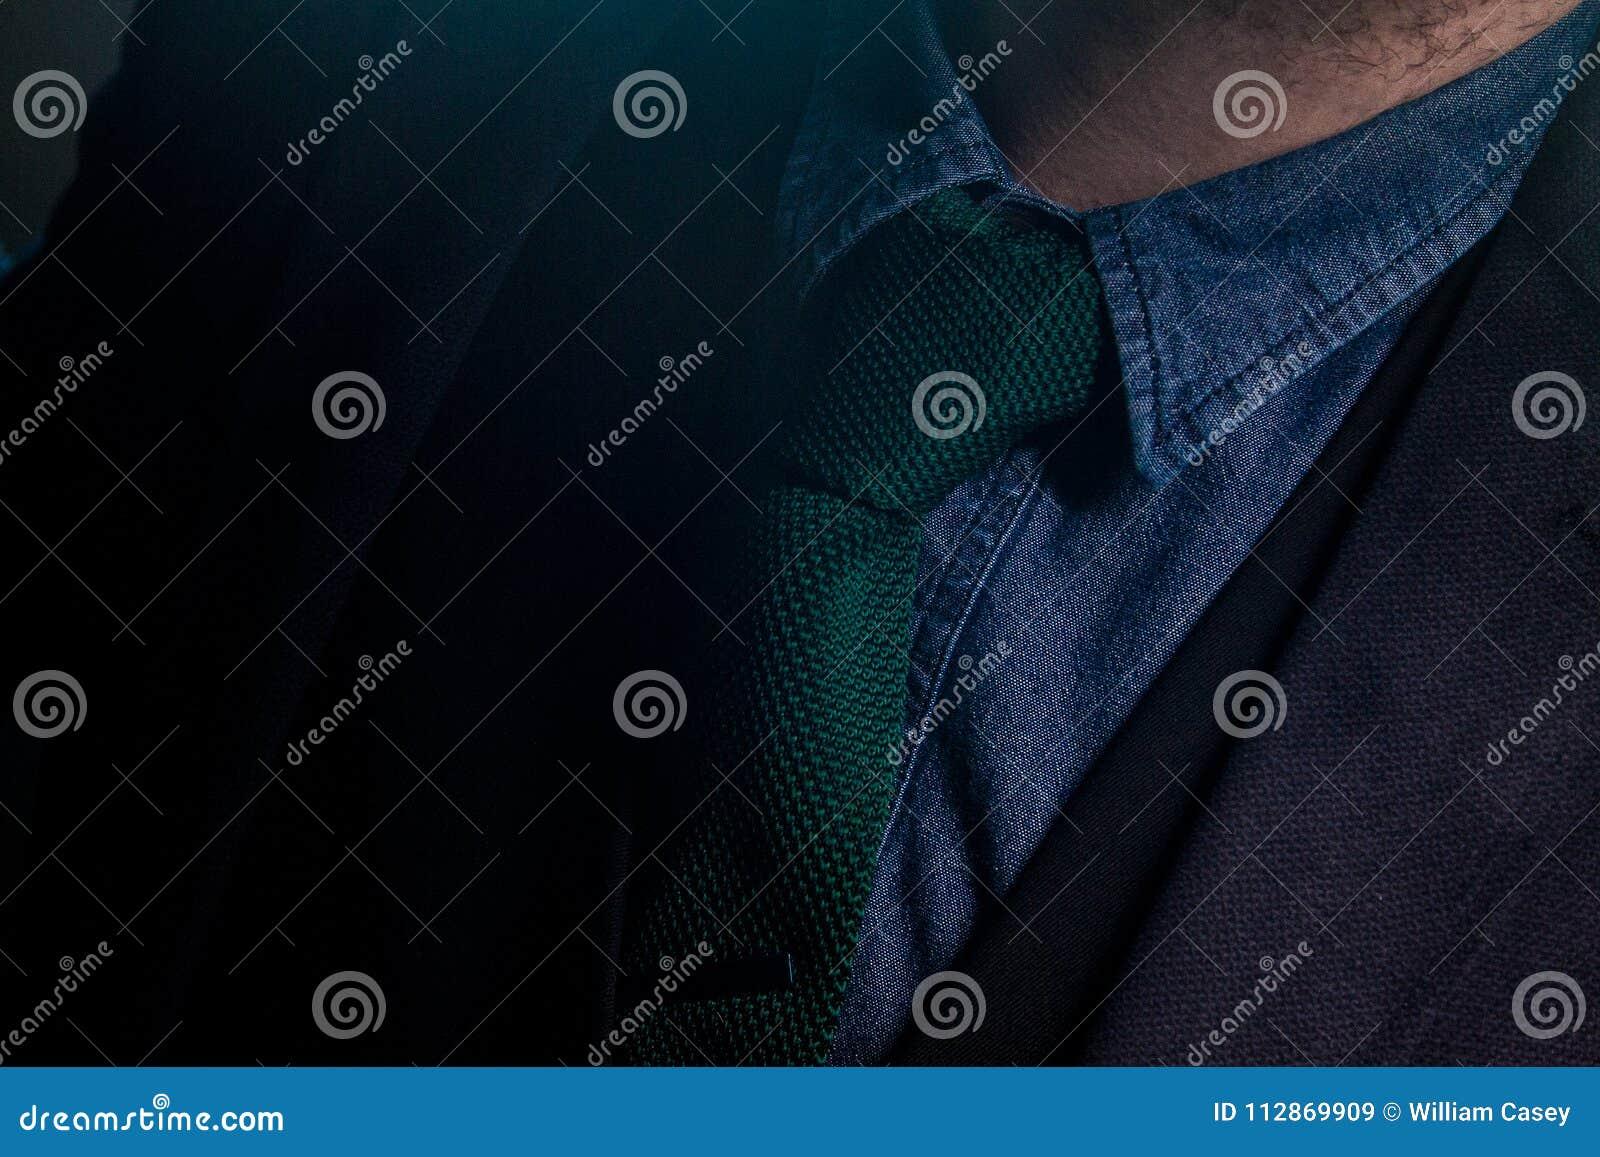 Tie navy color blazer Men's Suit